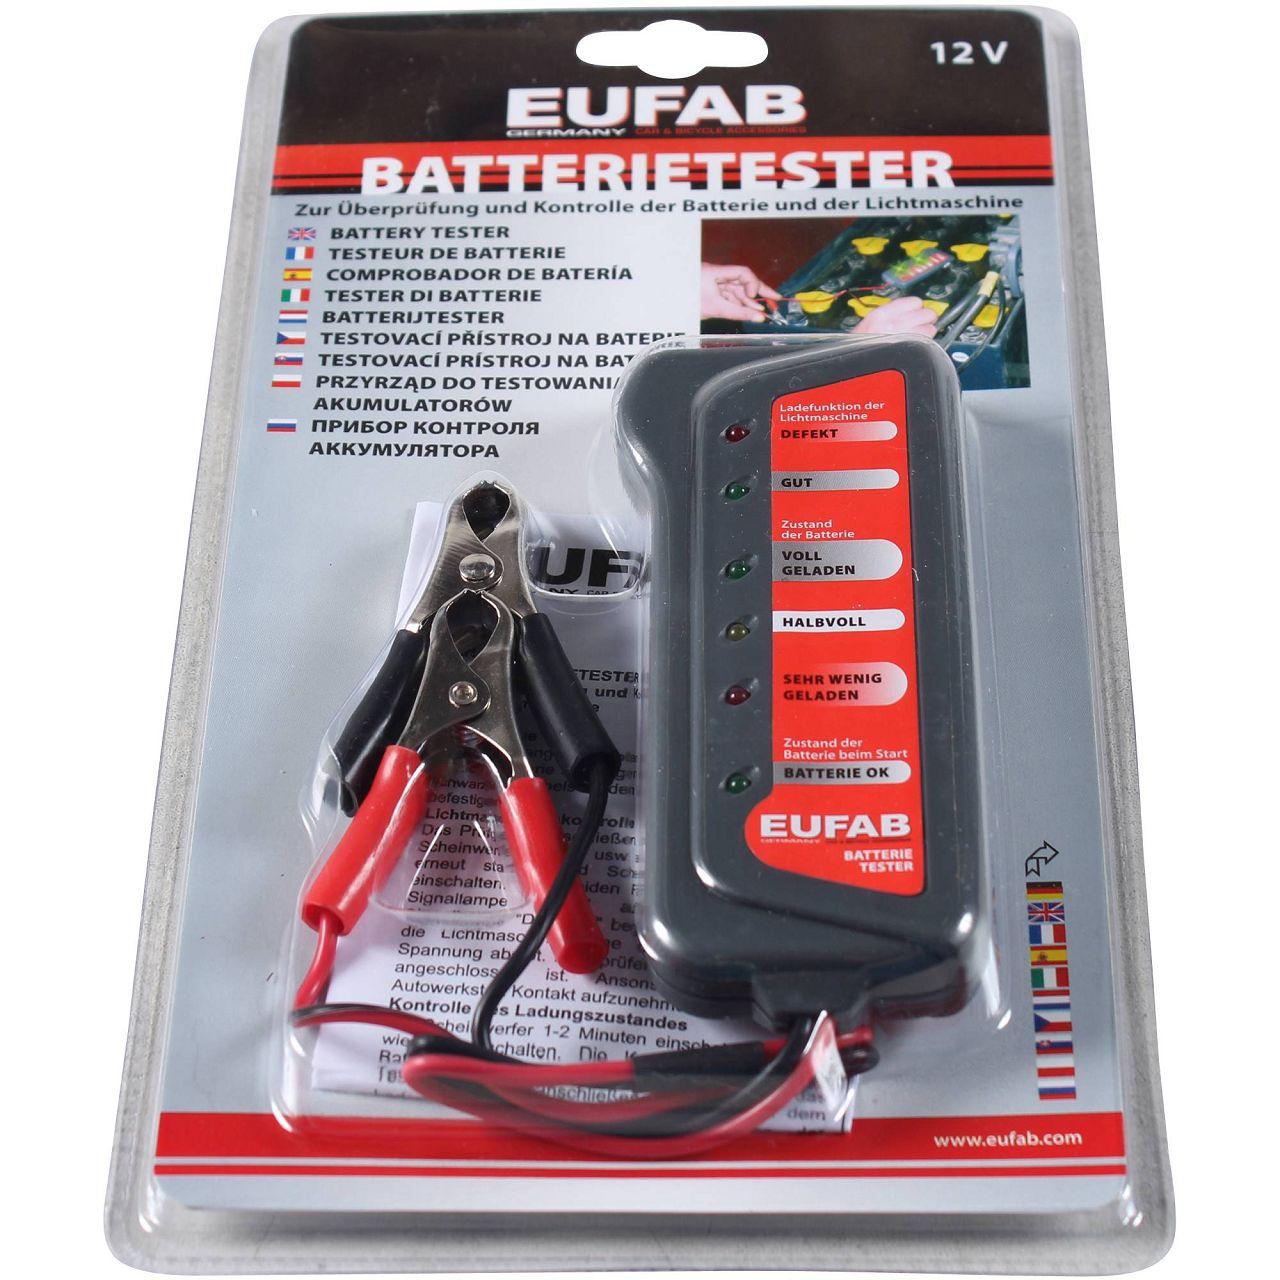 EUFAB 16599 Batterie-Tester Analyzer KFZ Batterieprüfgerät Batterietester